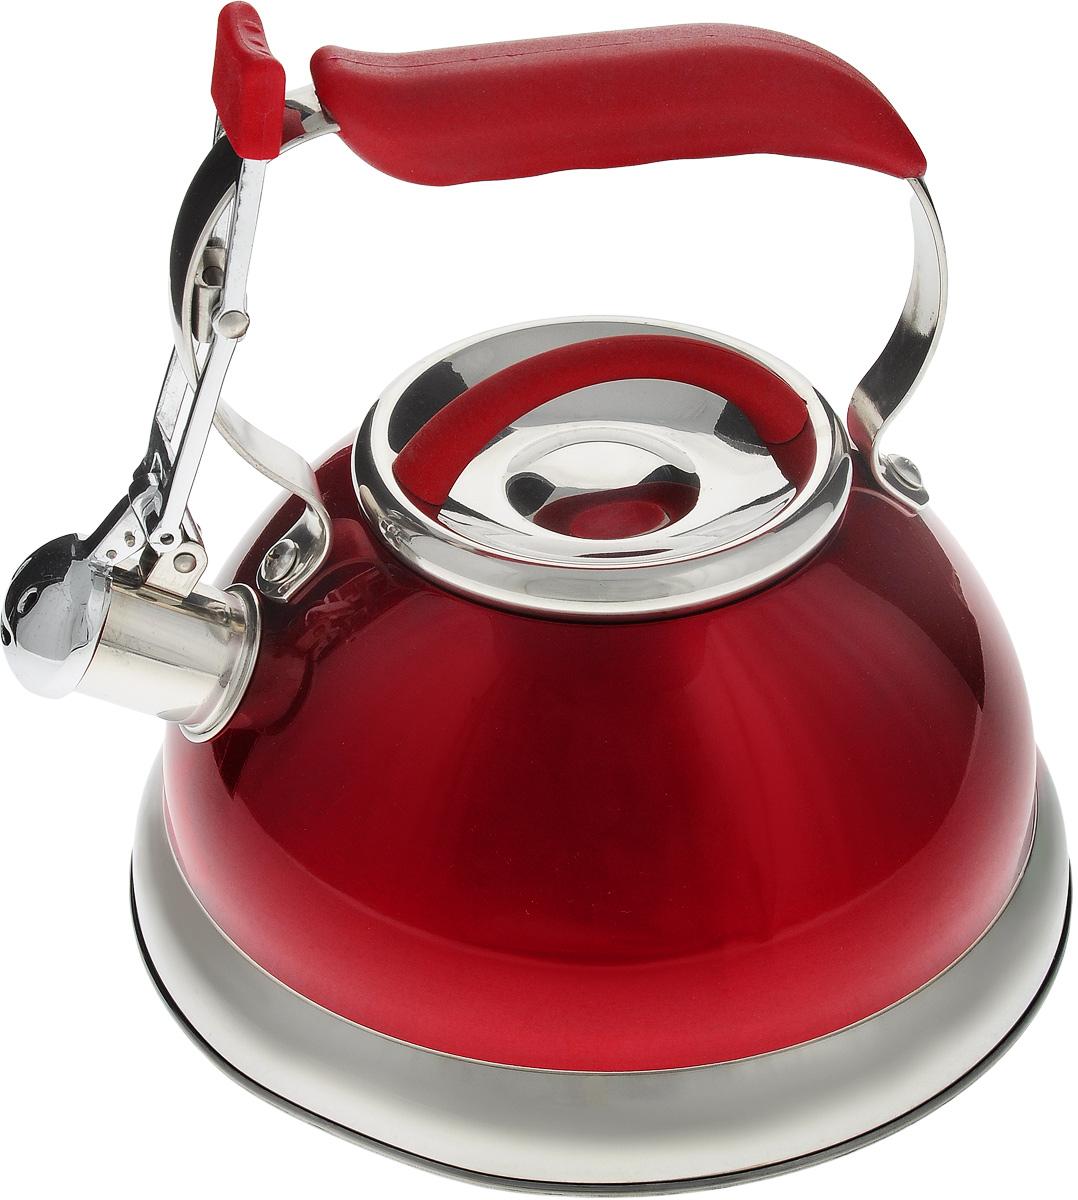 Чайник Calve, со свистком, цвет: красный, 2,7 л115510Чайник Calve изготовлен из высококачественной нержавеющей стали с термоаккумулирующим дном. Нержавеющая сталь обладает высокой устойчивостью к коррозии, не вступает в реакцию с холодными и горячими продуктами и полностью сохраняет их вкусовые качества. Особая конструкция дна способствует высокой теплопроводности и равномерному распределению тепла. Чайник оснащен удобной пластиковой ручкой с покрытием Soft-Touch. Носик чайника имеет откидной свисток, звуковой сигнал которого подскажет, когда закипит вода. Подходит для всех типов плит, включая индукционные. Можно мыть в посудомоечной машине.Диаметр чайника (по верхнему краю): 10 см.Высота чайника (без учета ручки и крышки): 11,5 см.Высота чайника (с учетом ручки): 21 см.